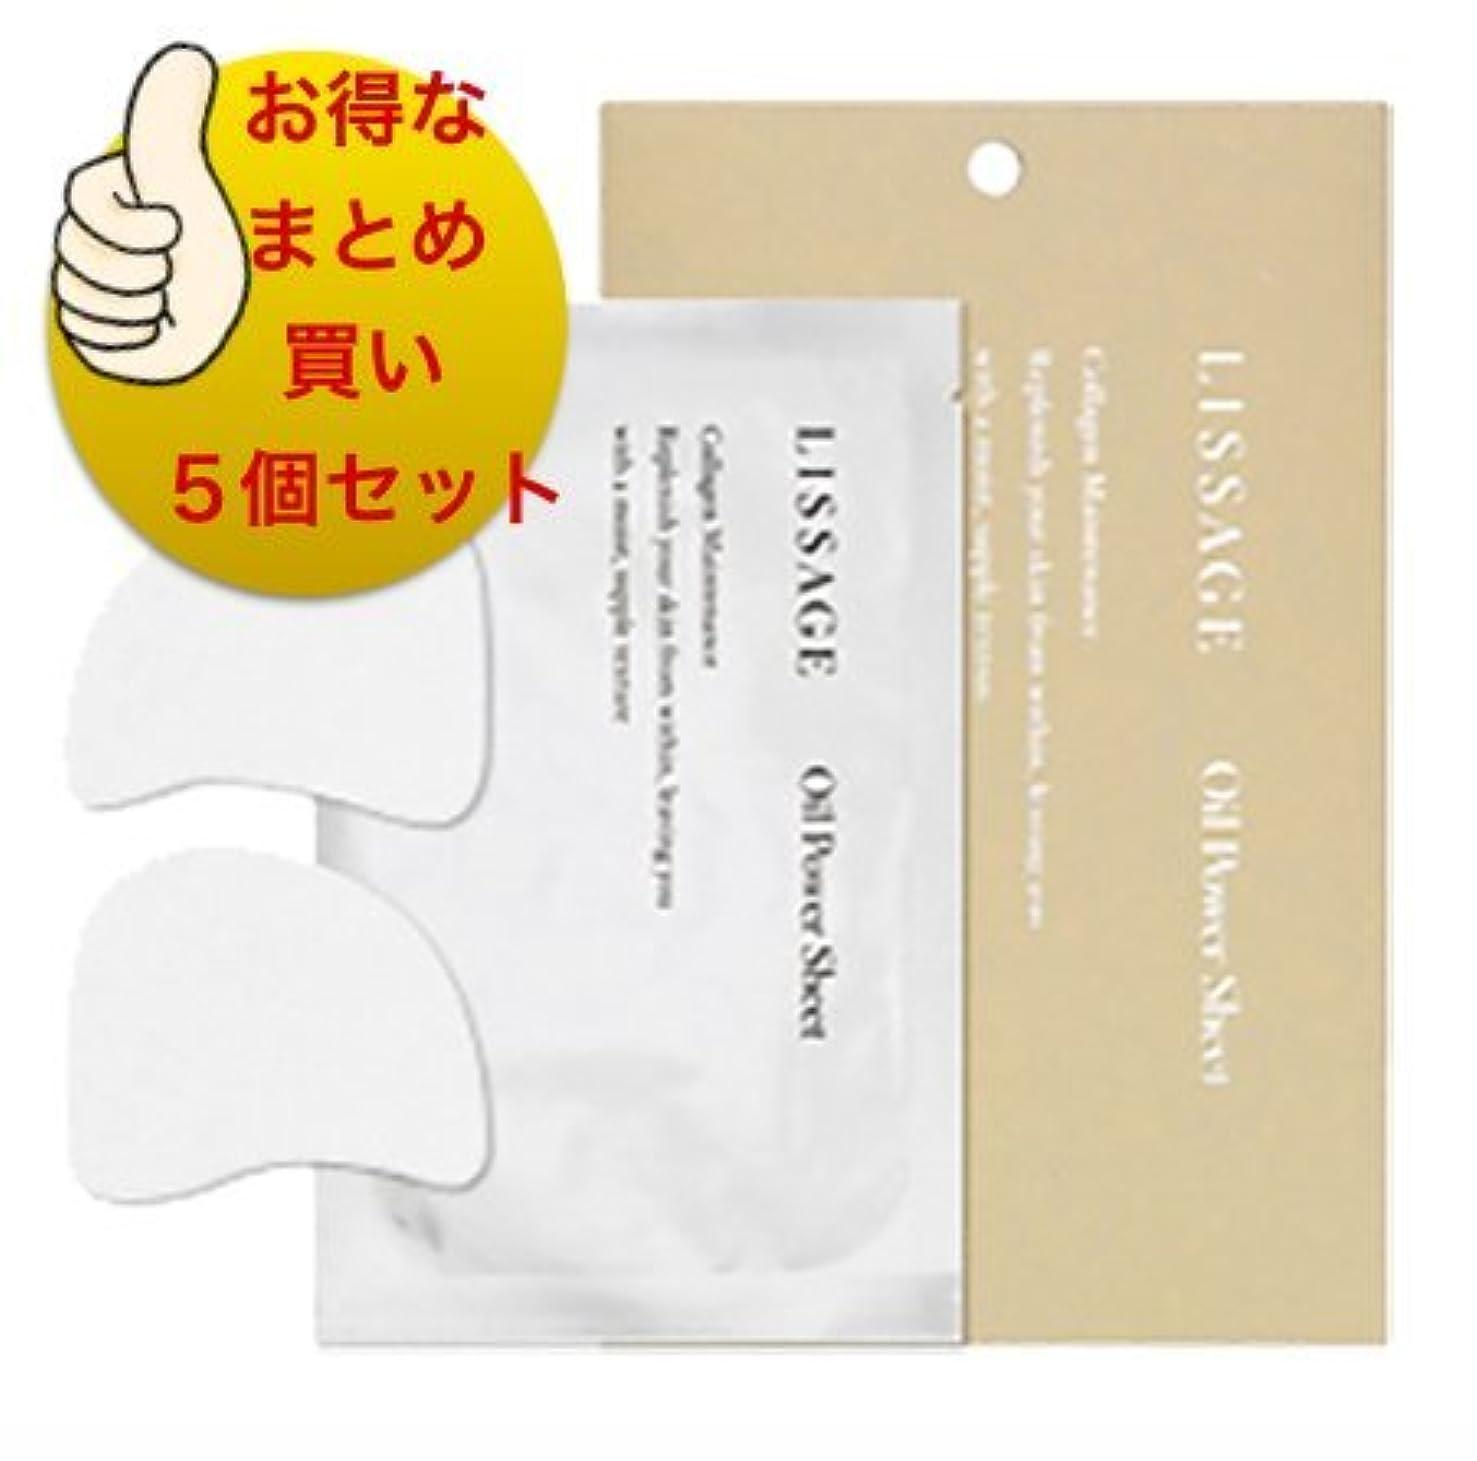 【リサージ】LISSAGE (リサージ) オイルパワーシート (3セット (6枚)) .の5個まとめ買いセット